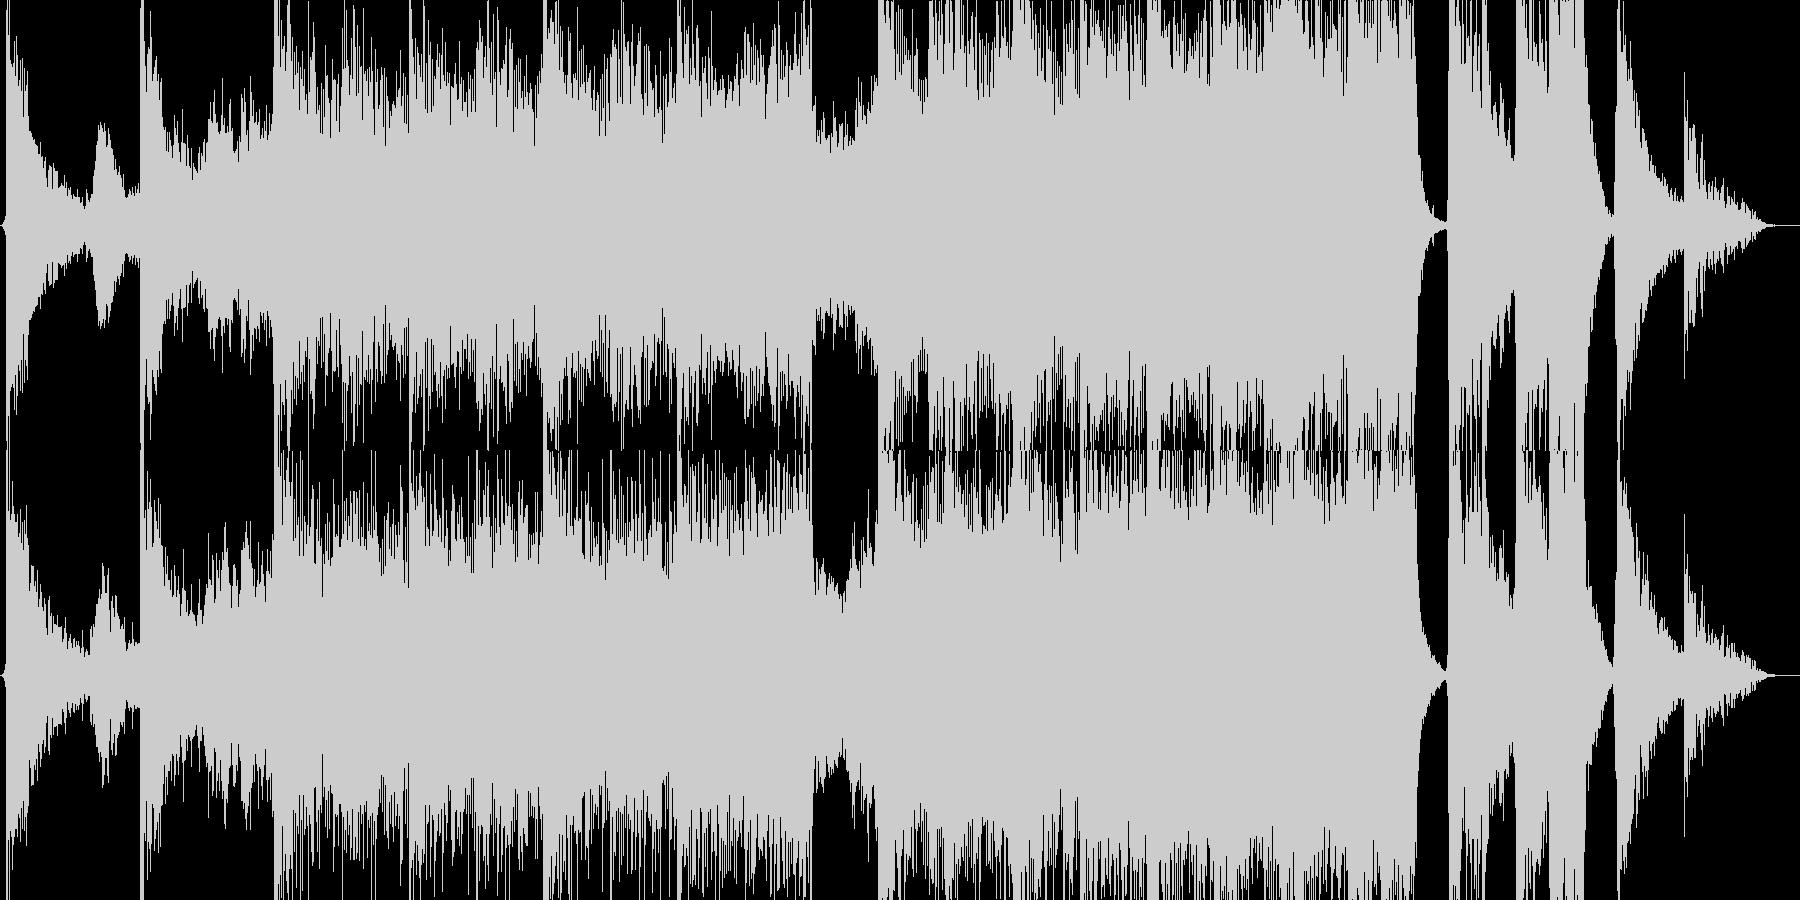 ハリウッドトレーラーイントロの未再生の波形